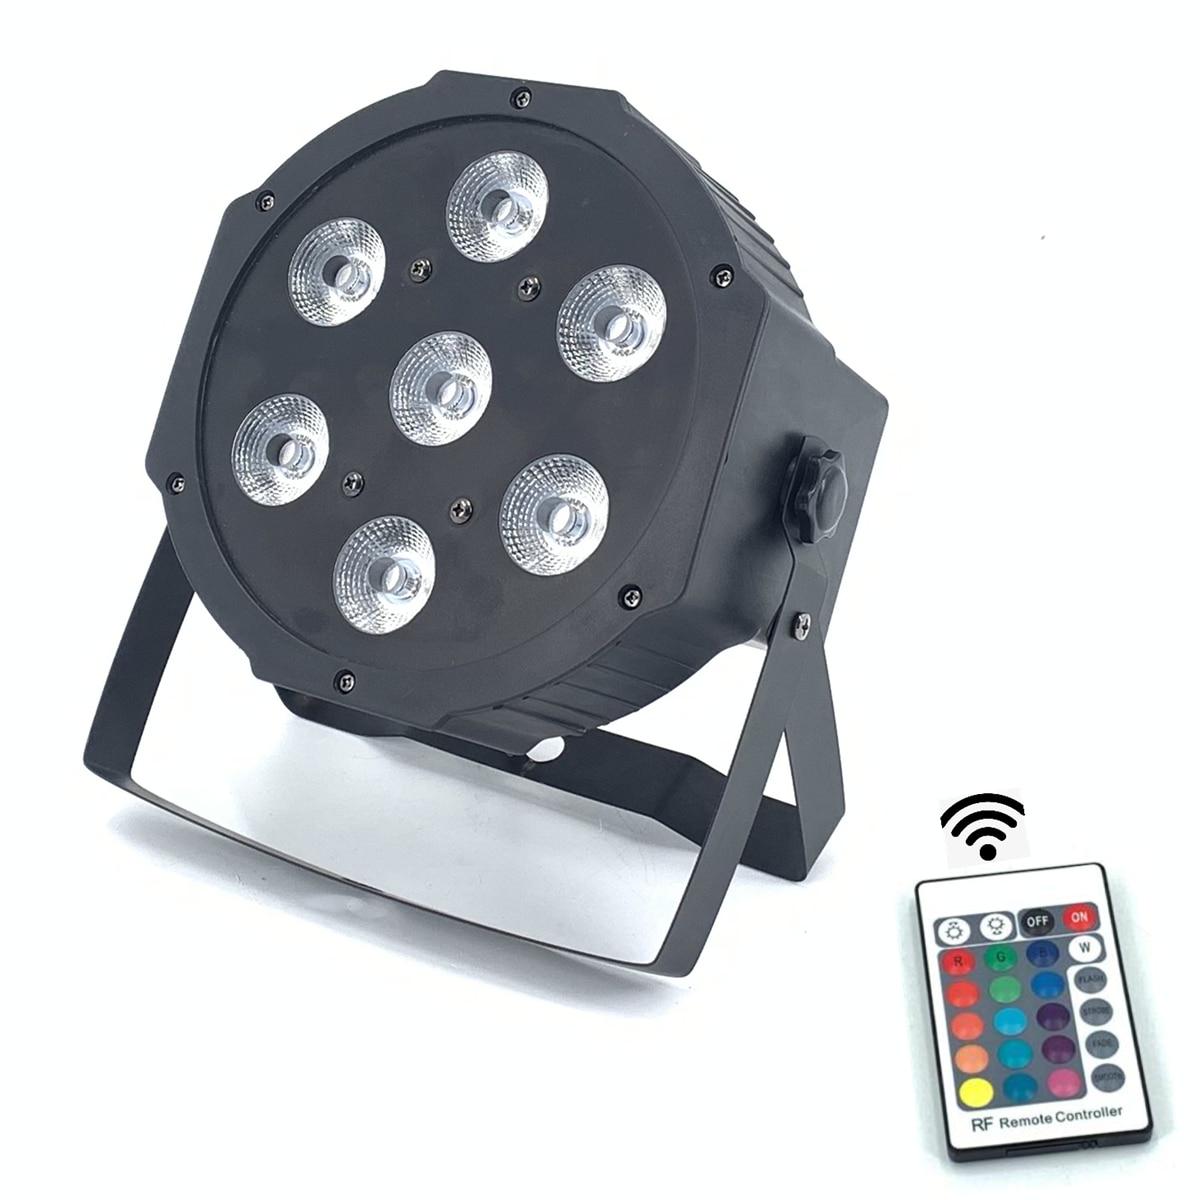 무선 원격 제어 led 가장 밝은 8 dmx 채널 led 평면 파 7x12 w rgbw 4in1 빠른 배송